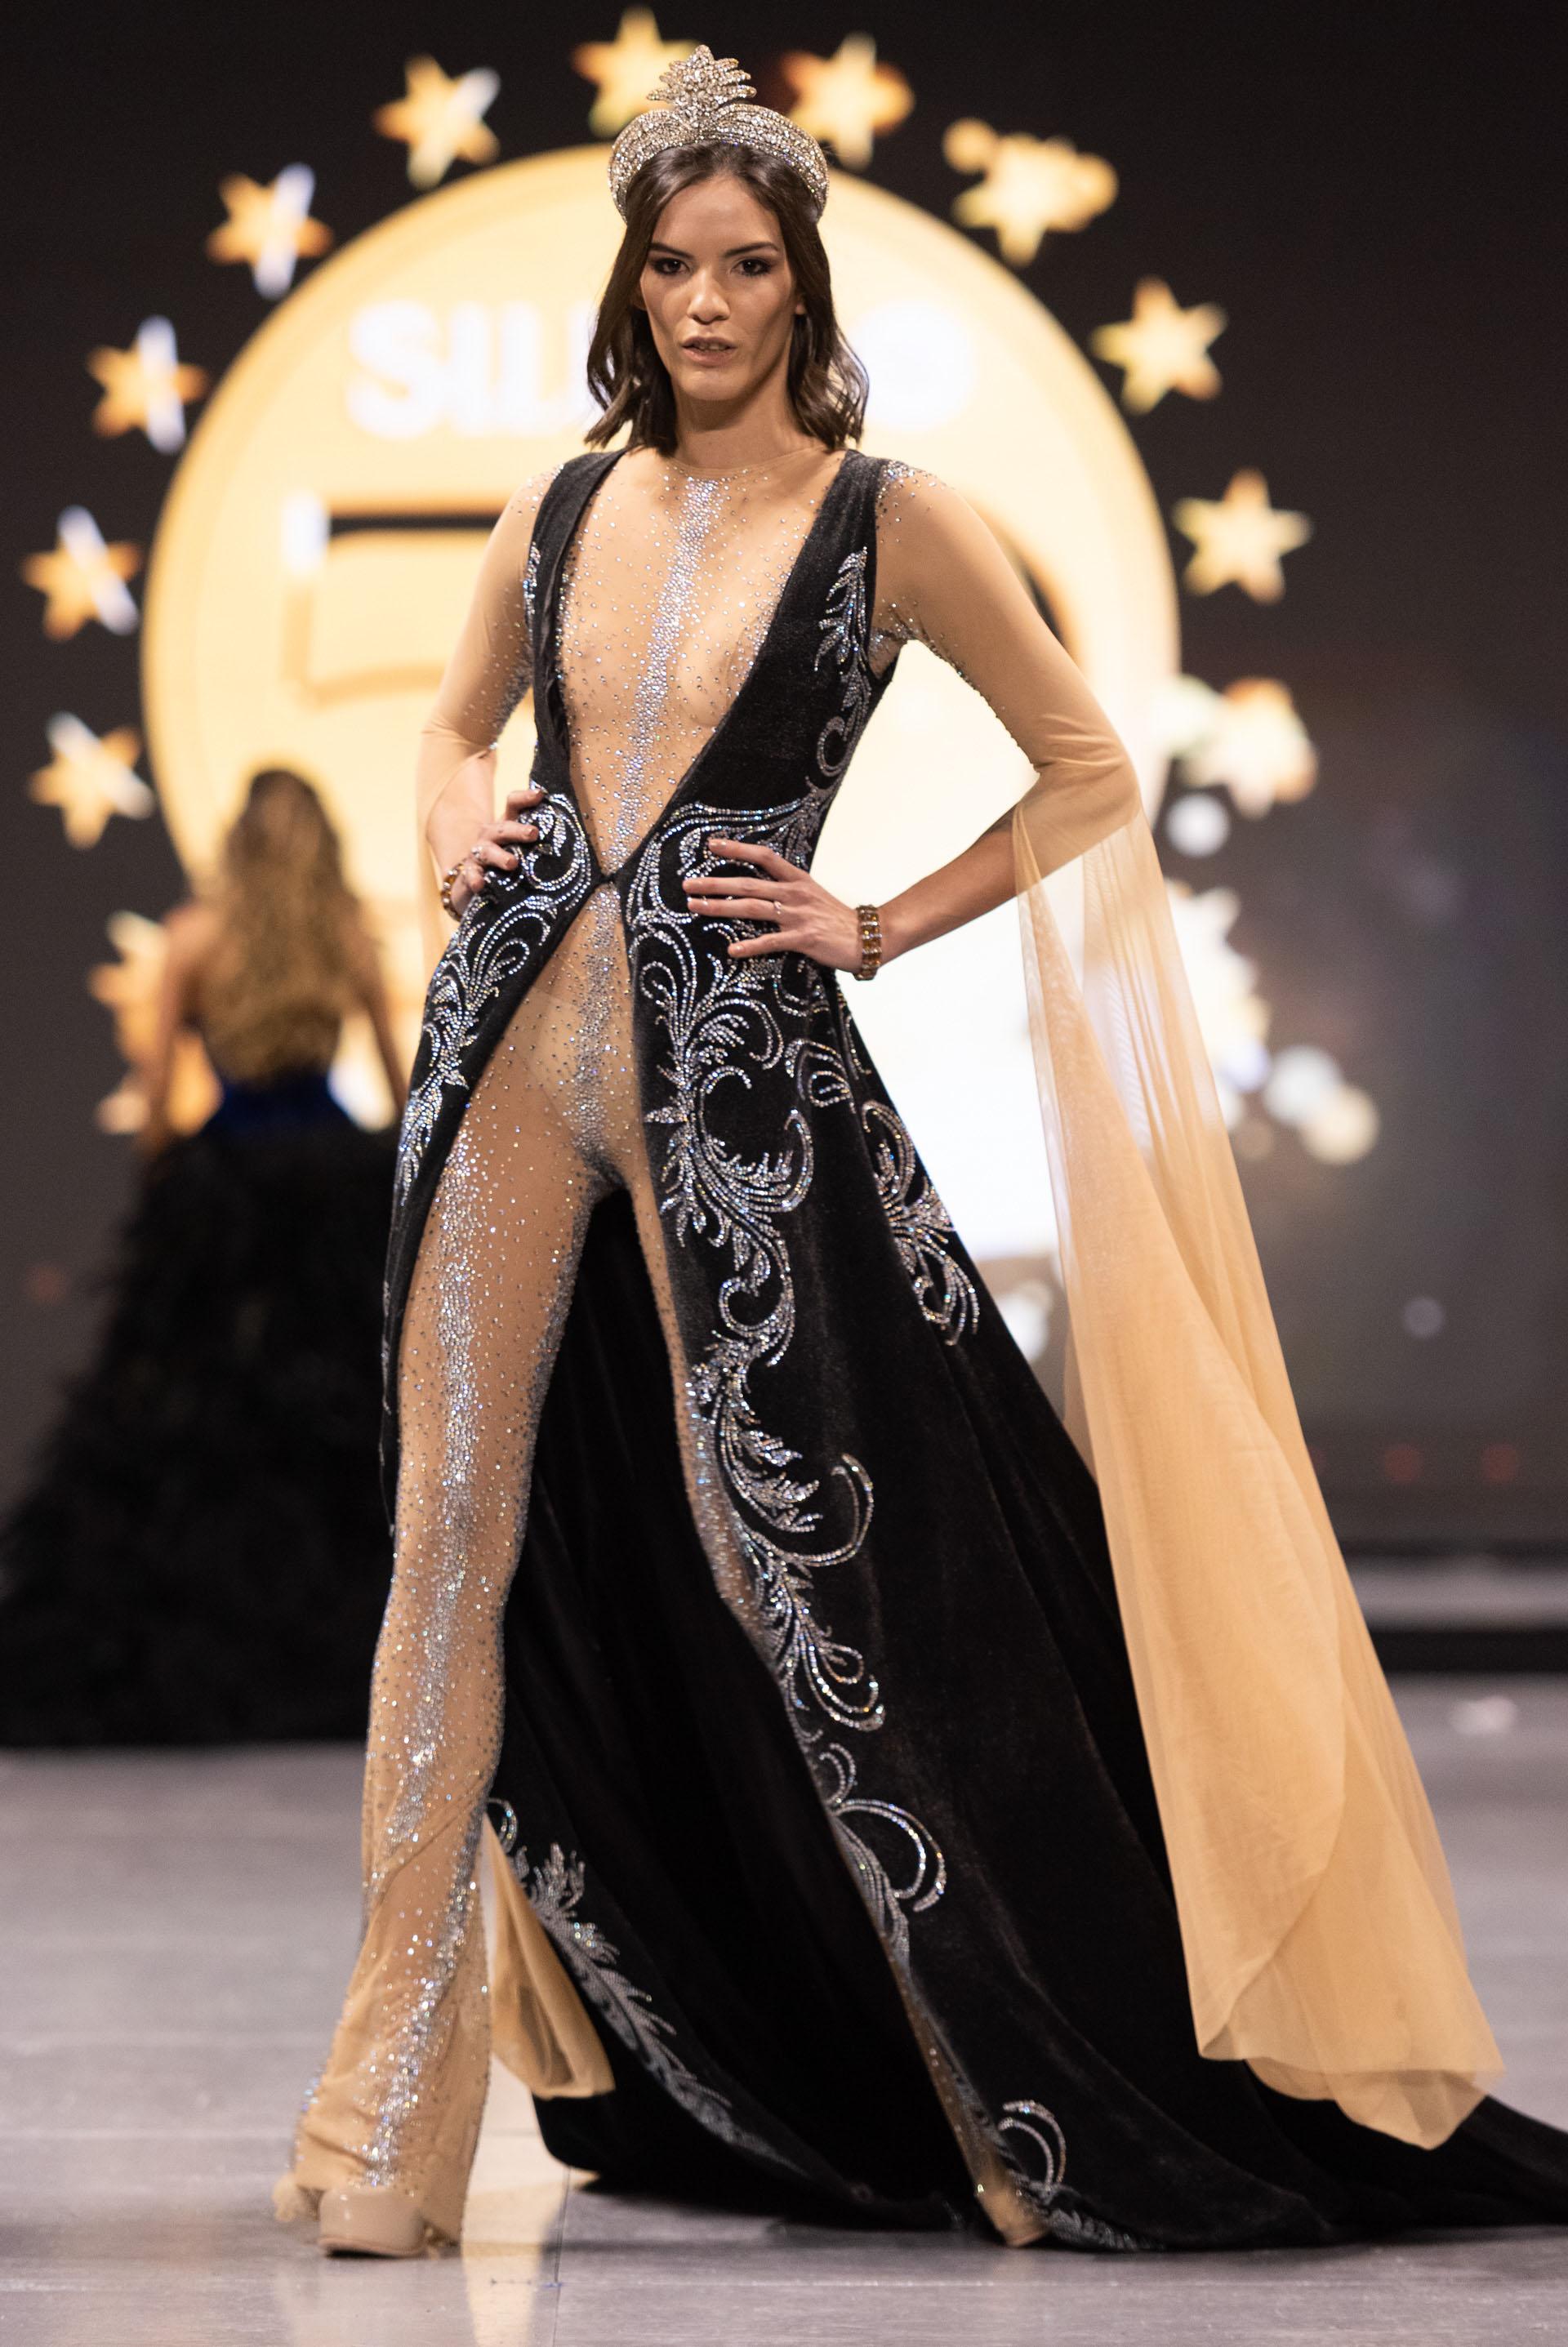 La marca líder en belleza y lo festejó a lo grande. Los mejores diseñadores del país presentaron sus colecciones en el desfile más esperado del a puro glamour